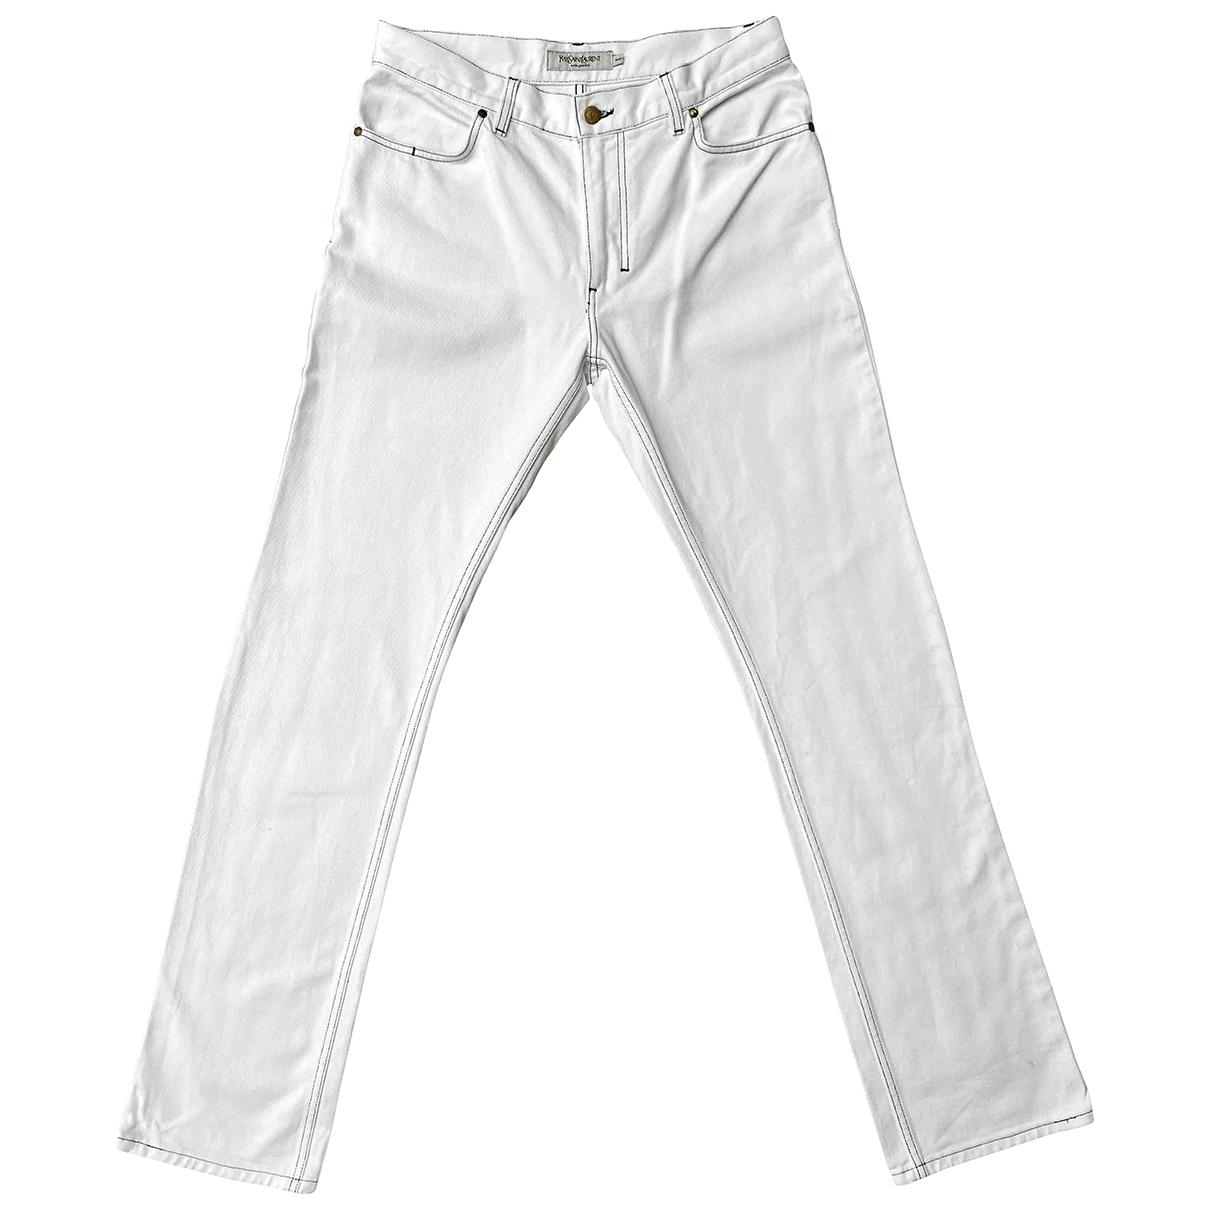 Yves Saint Laurent \N White Denim - Jeans Trousers for Men 48 IT